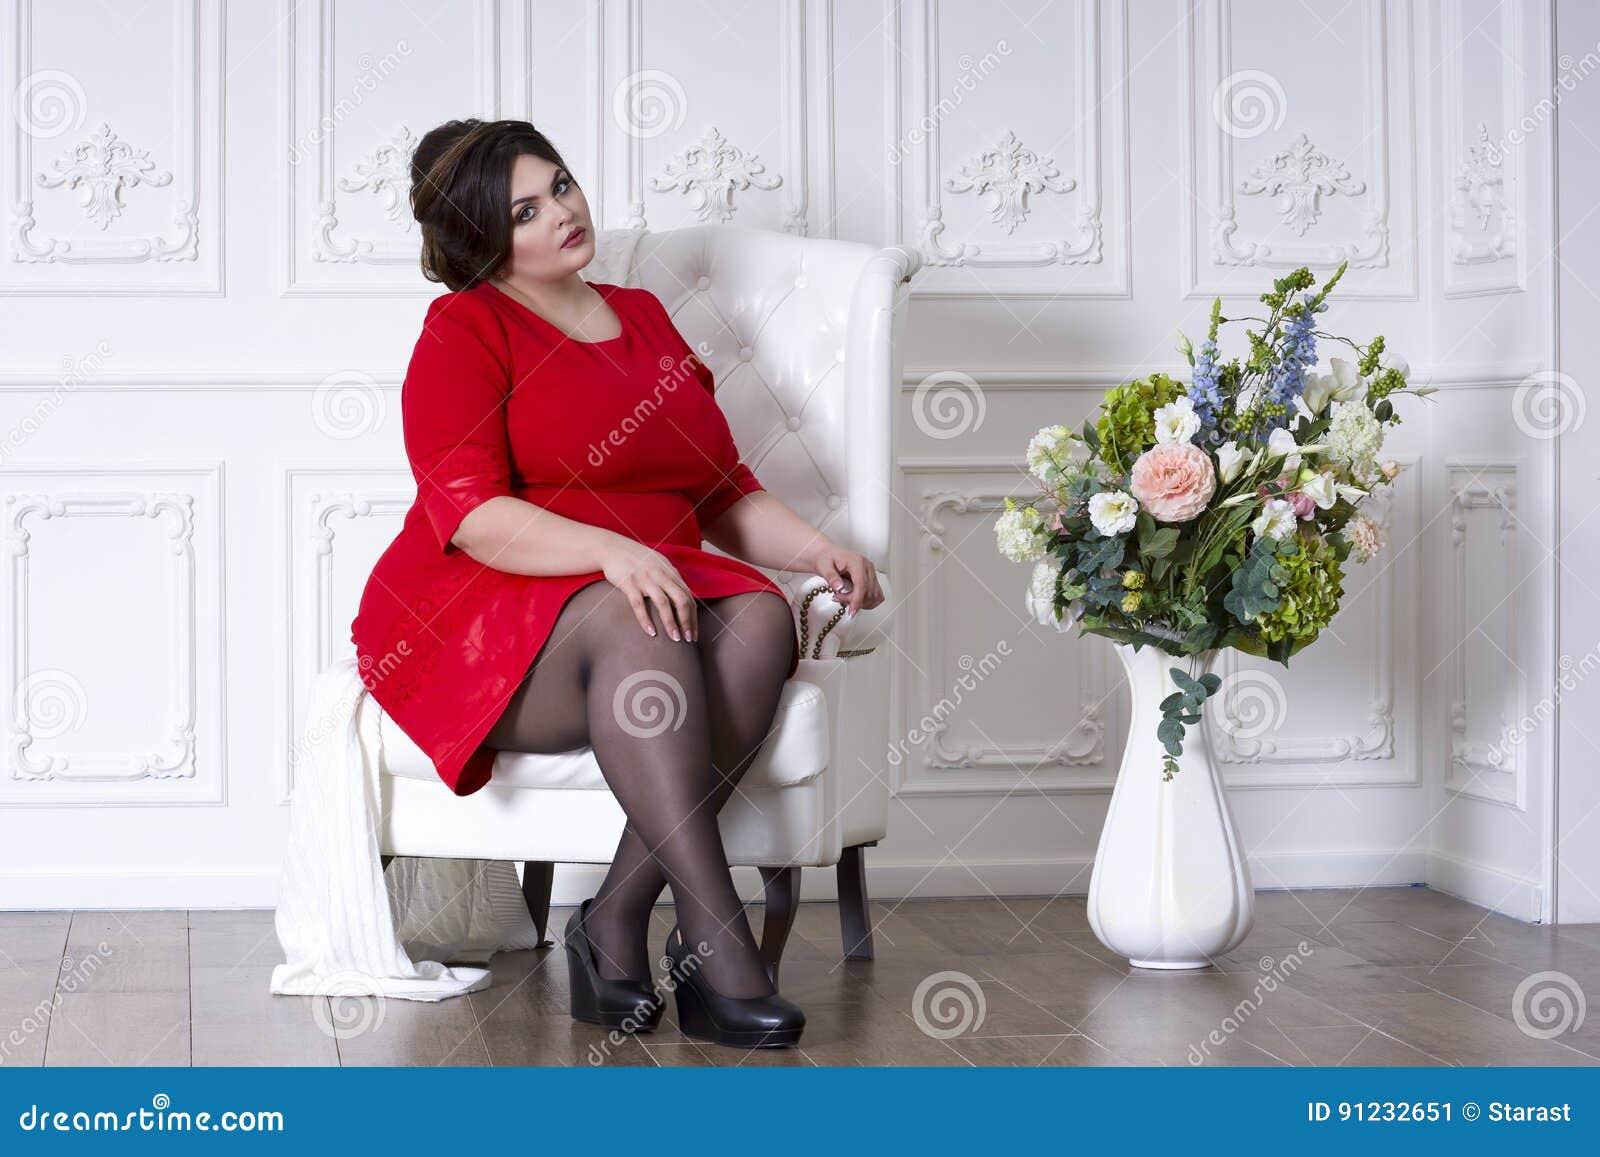 Modelo De Moda Del Tamaño Extra Grande En El Vestido De Noche Rojo ...